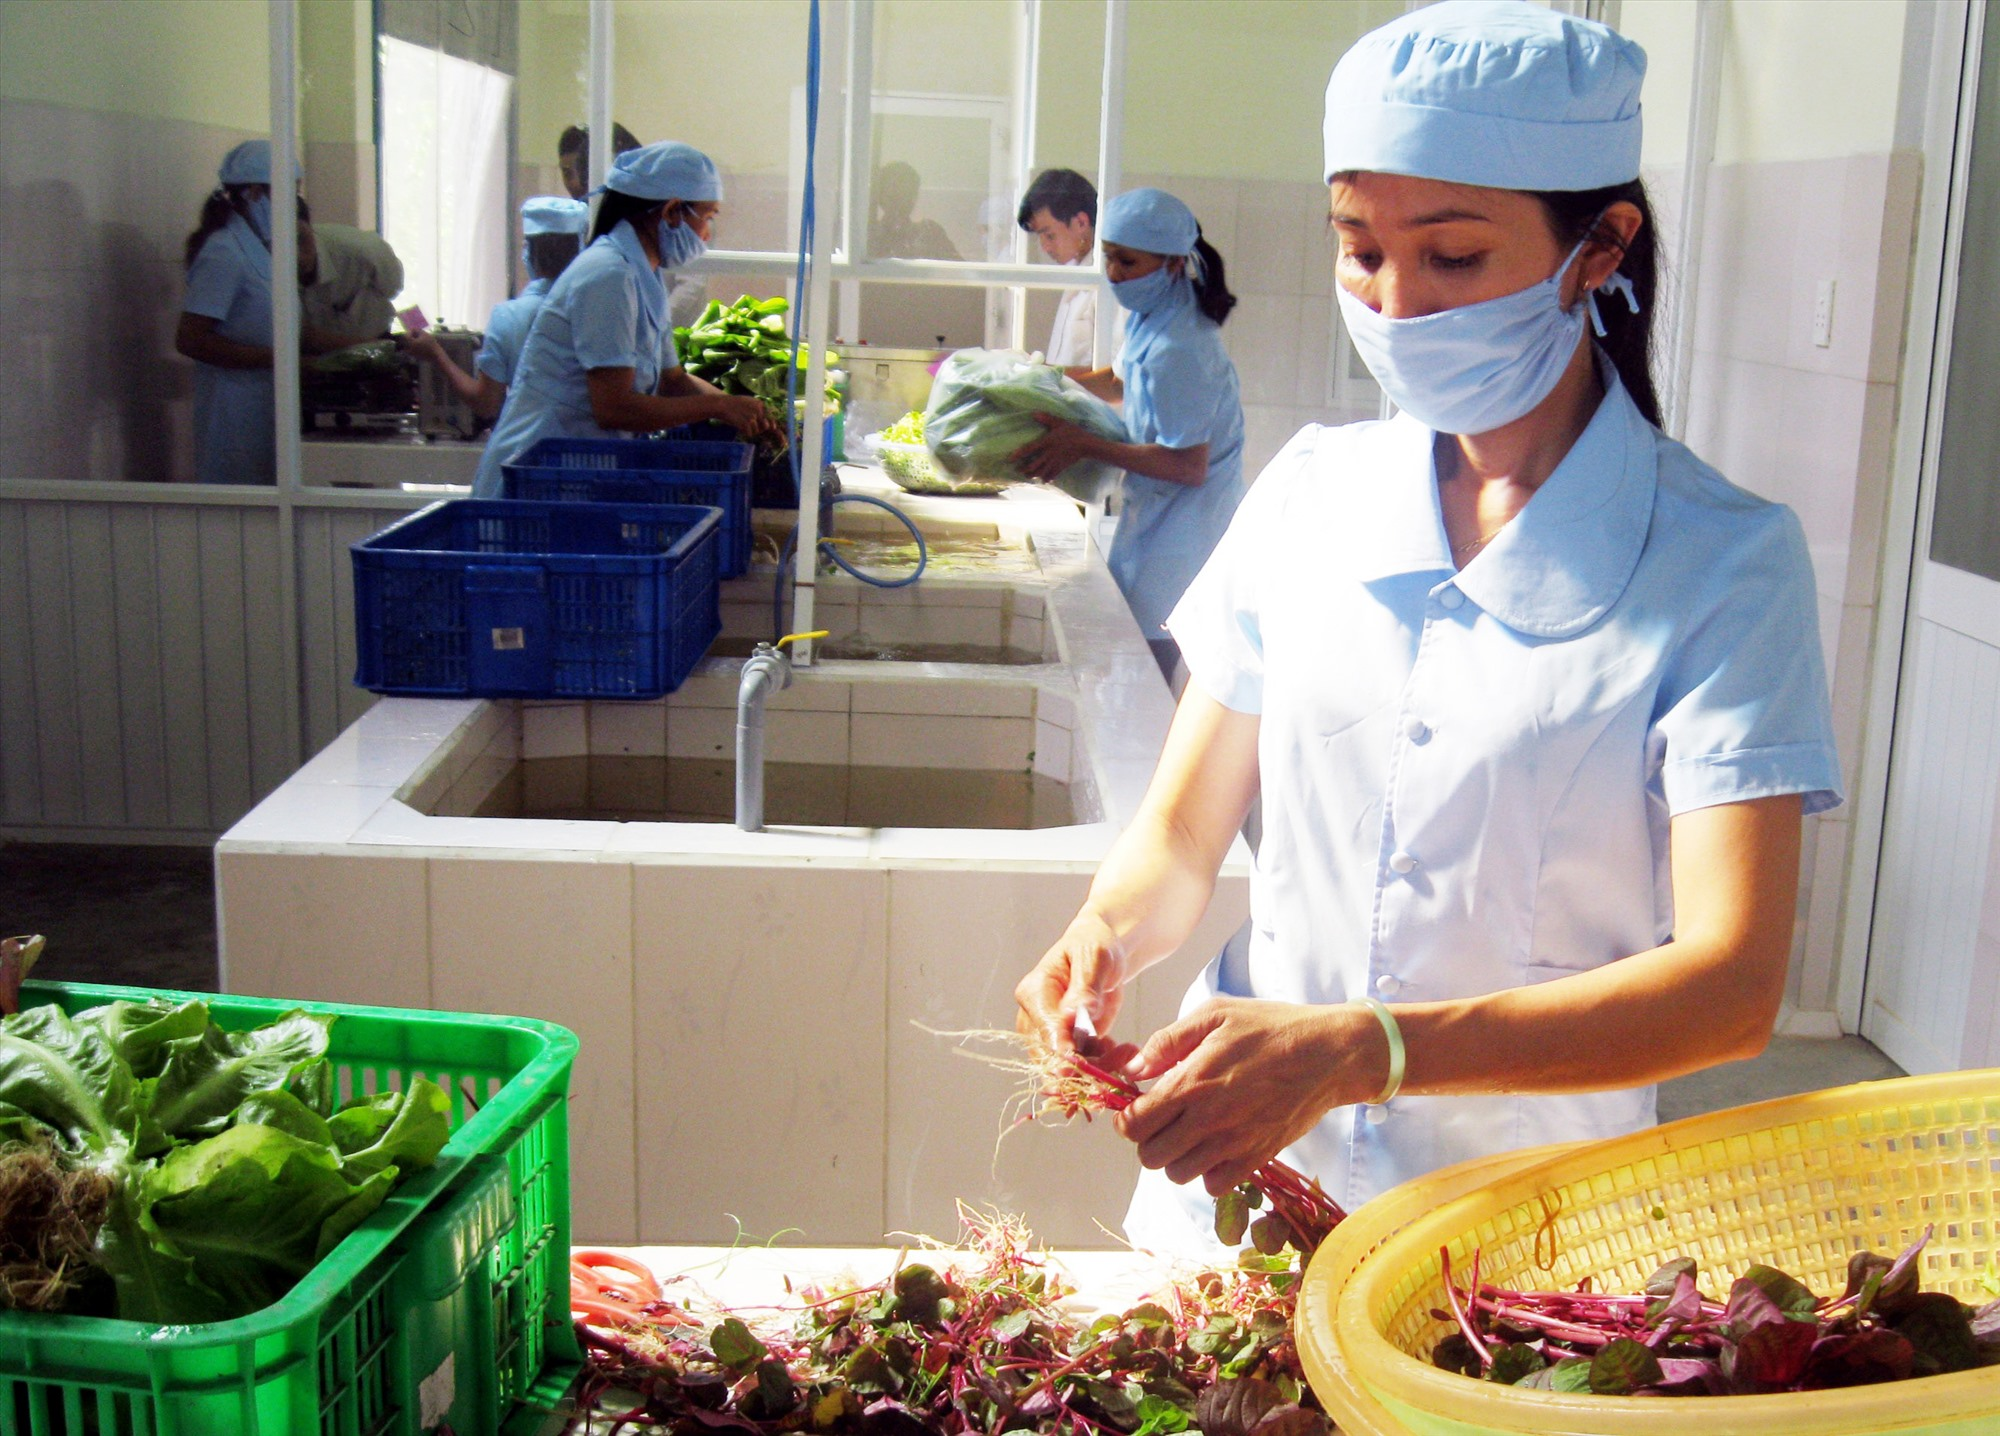 Hơn 2 năm nay, việc tiêu thụ rau quả sản xuất theo chuỗi của HTX Nông nghiệp sạch Mỹ Hưng gặp rất nhiều khó khăn, buộc đơn vị phải đóng cửa nhiều quầy hàng cung ứng sản phẩm.